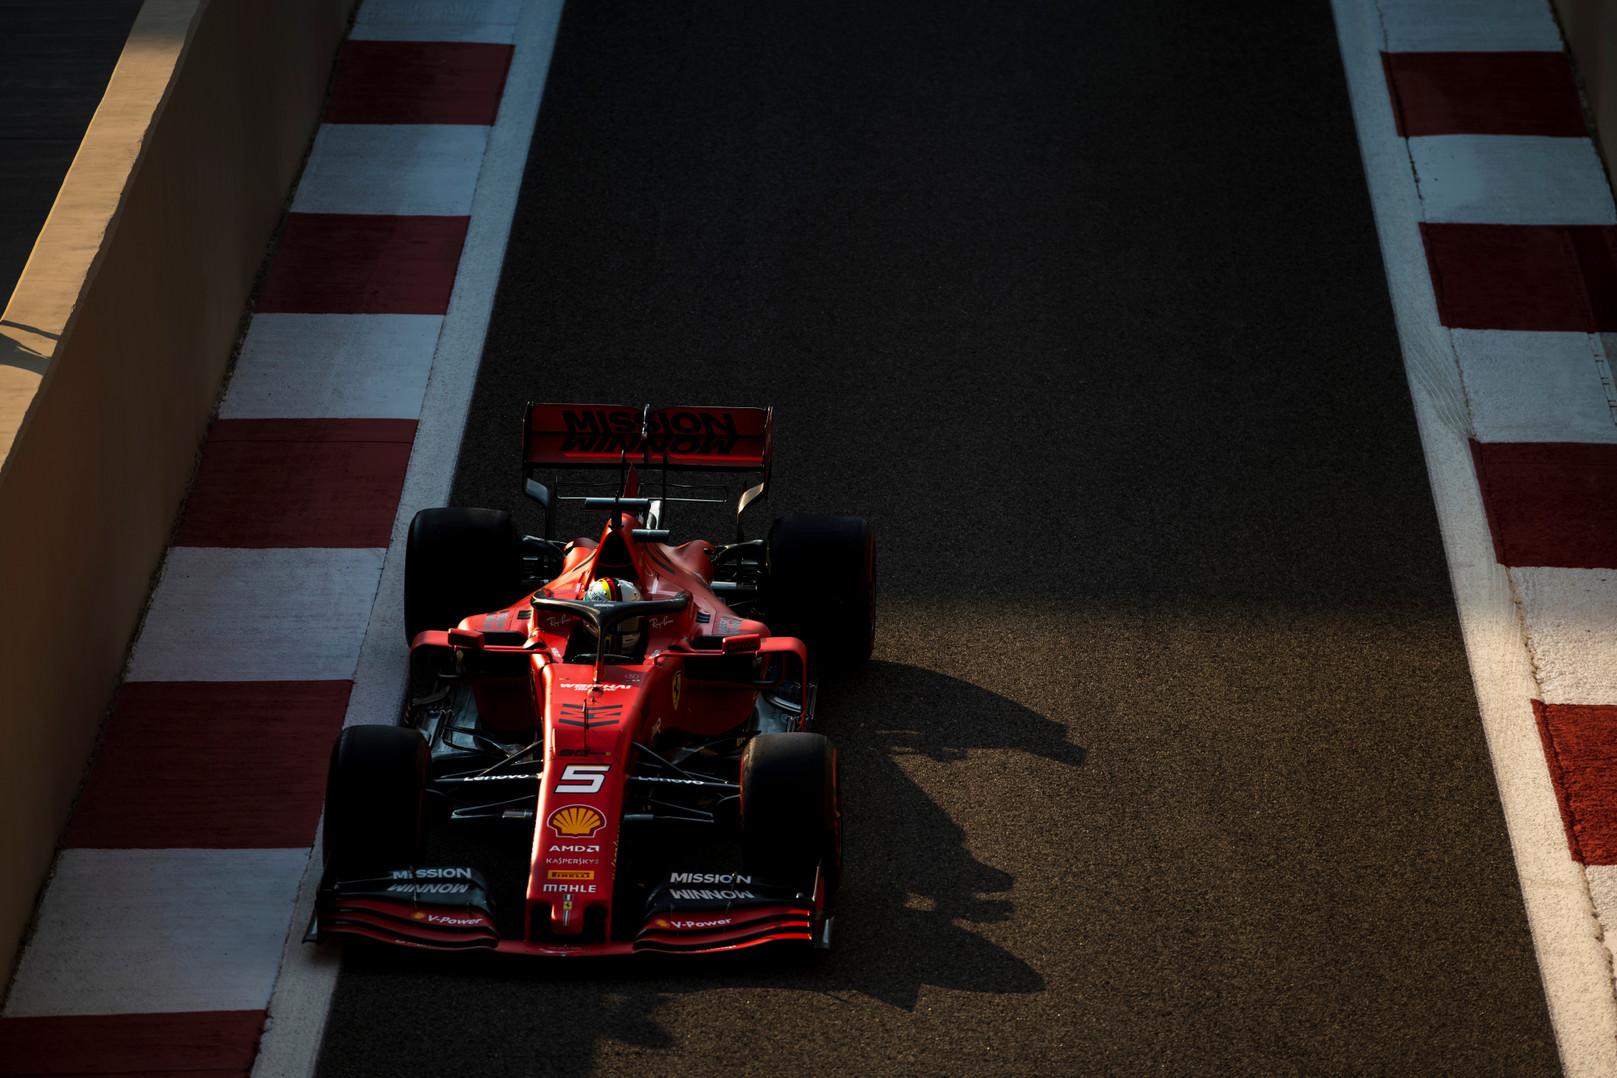 """Vokiečių spauda rašo, kad S. Vettelis jau susitarė su """"McLaren"""""""